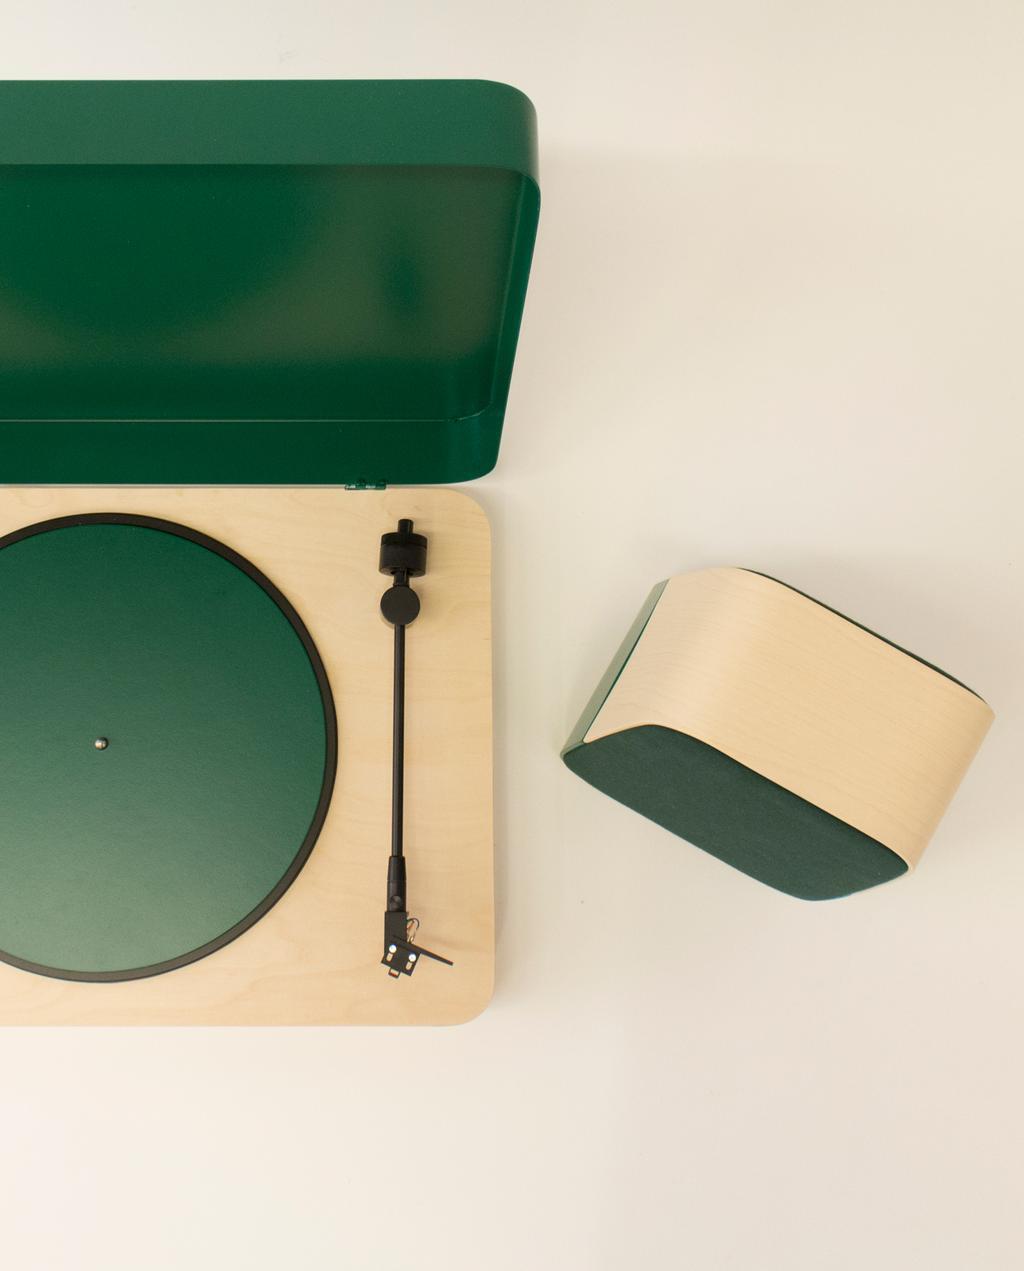 vtwonen blog | blog StudentDesign design voor op je verlanglijstje Tomi Laukkanen groene muziekspelers boxen bovenaanzicht